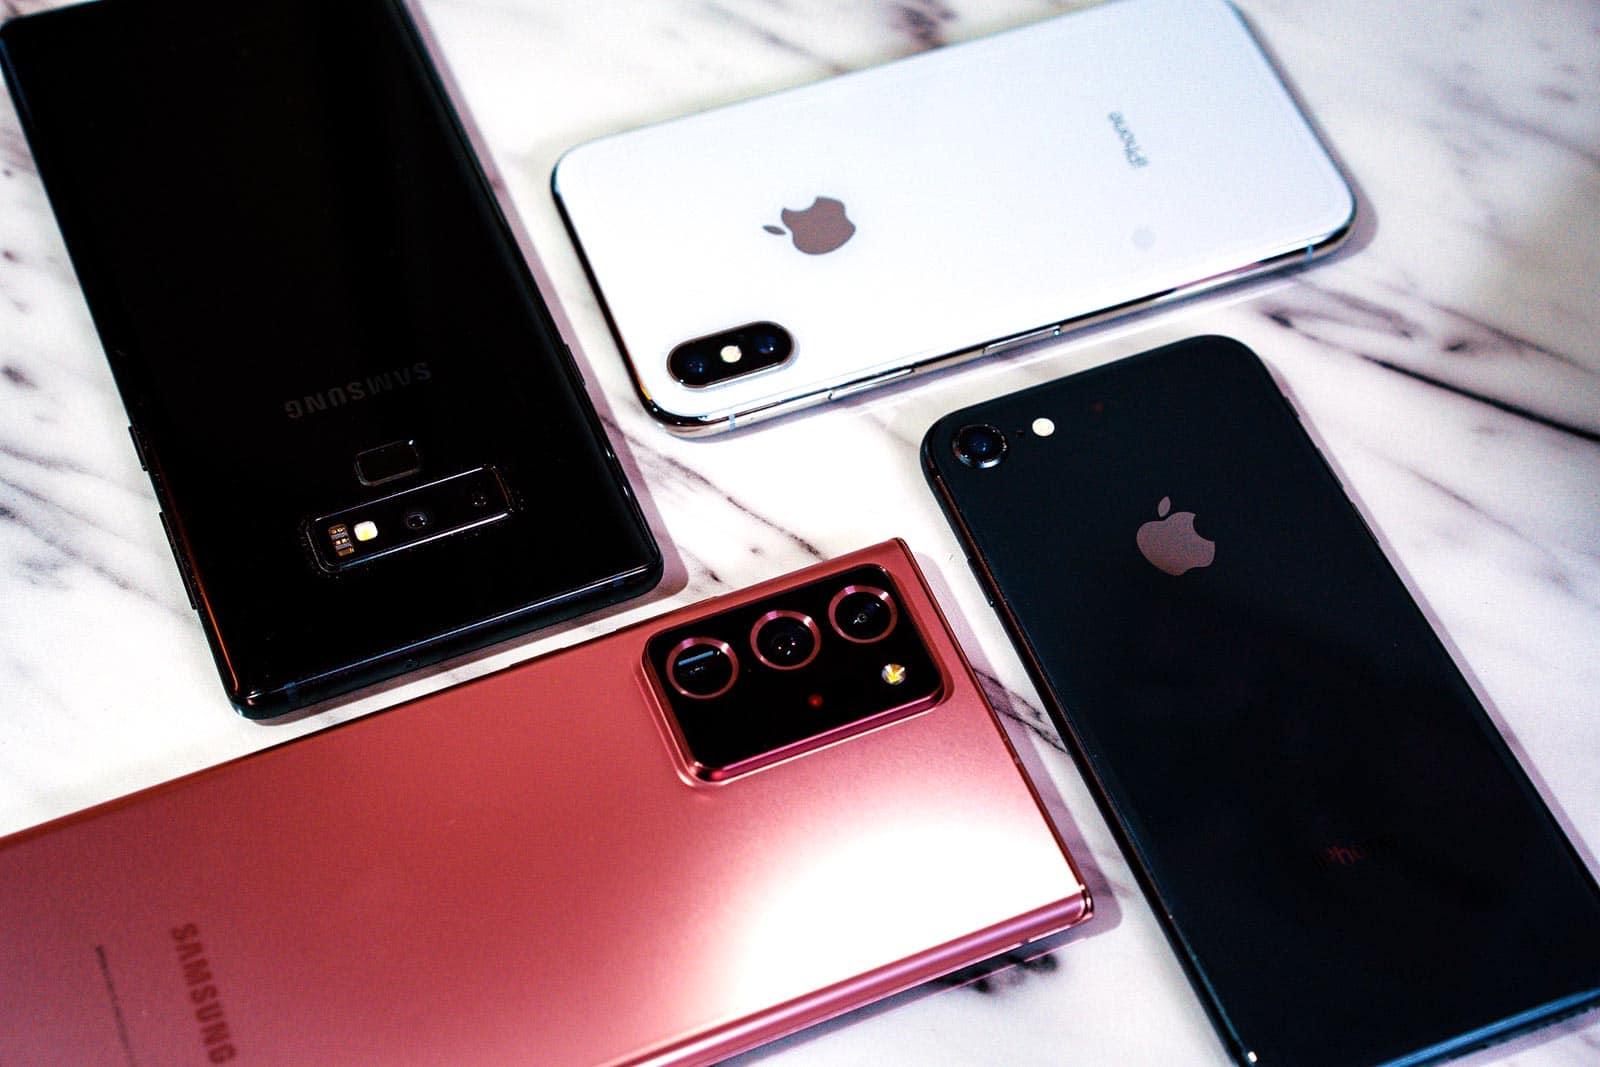 Goede camera voor smartphone fotografie